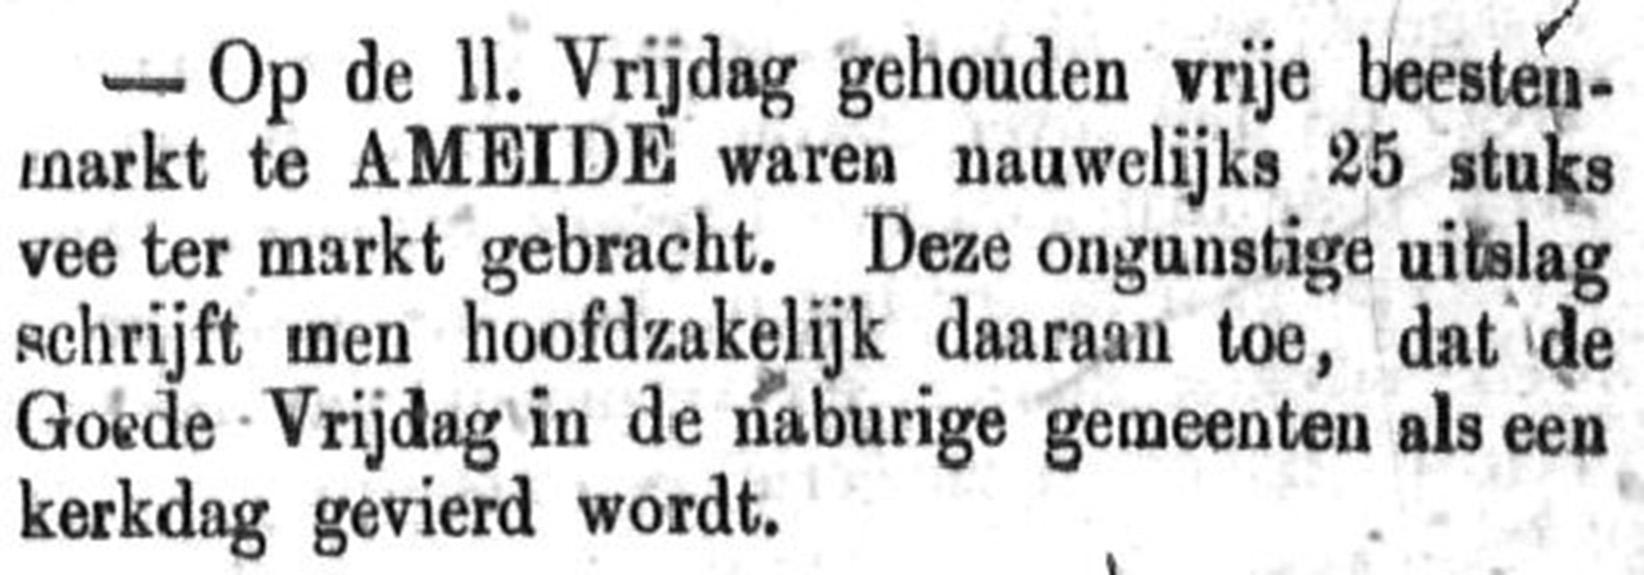 Schoonhovensche Courant 00043 1870-04-24 artikel 1